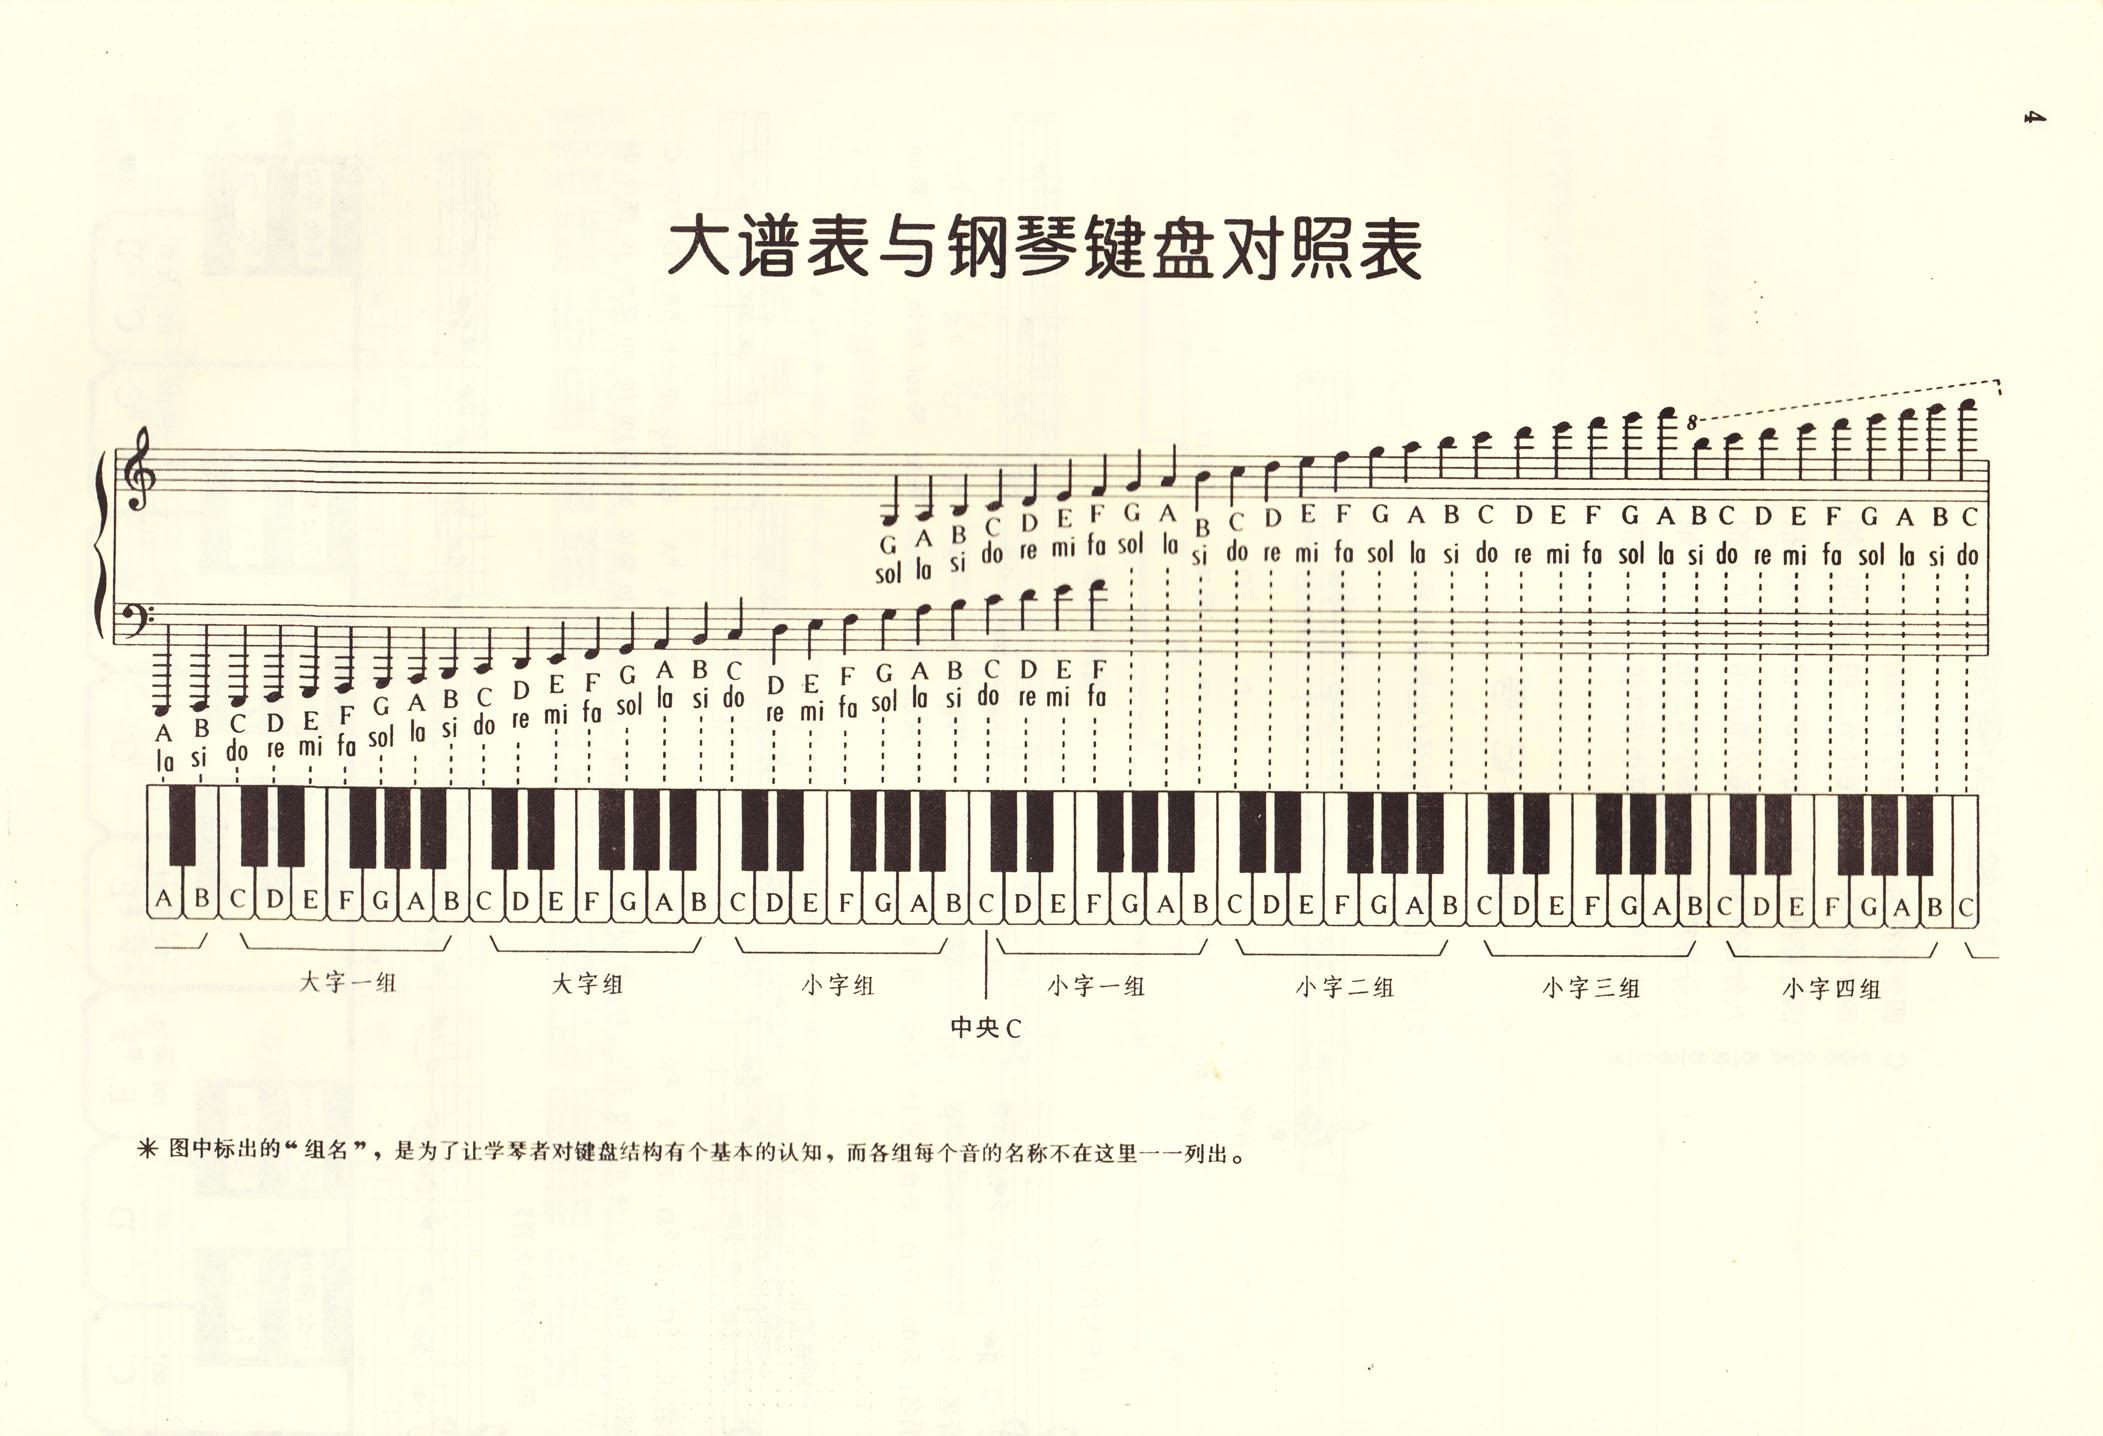 我给你发一张图《钢琴键盘与大谱表对照图》图片